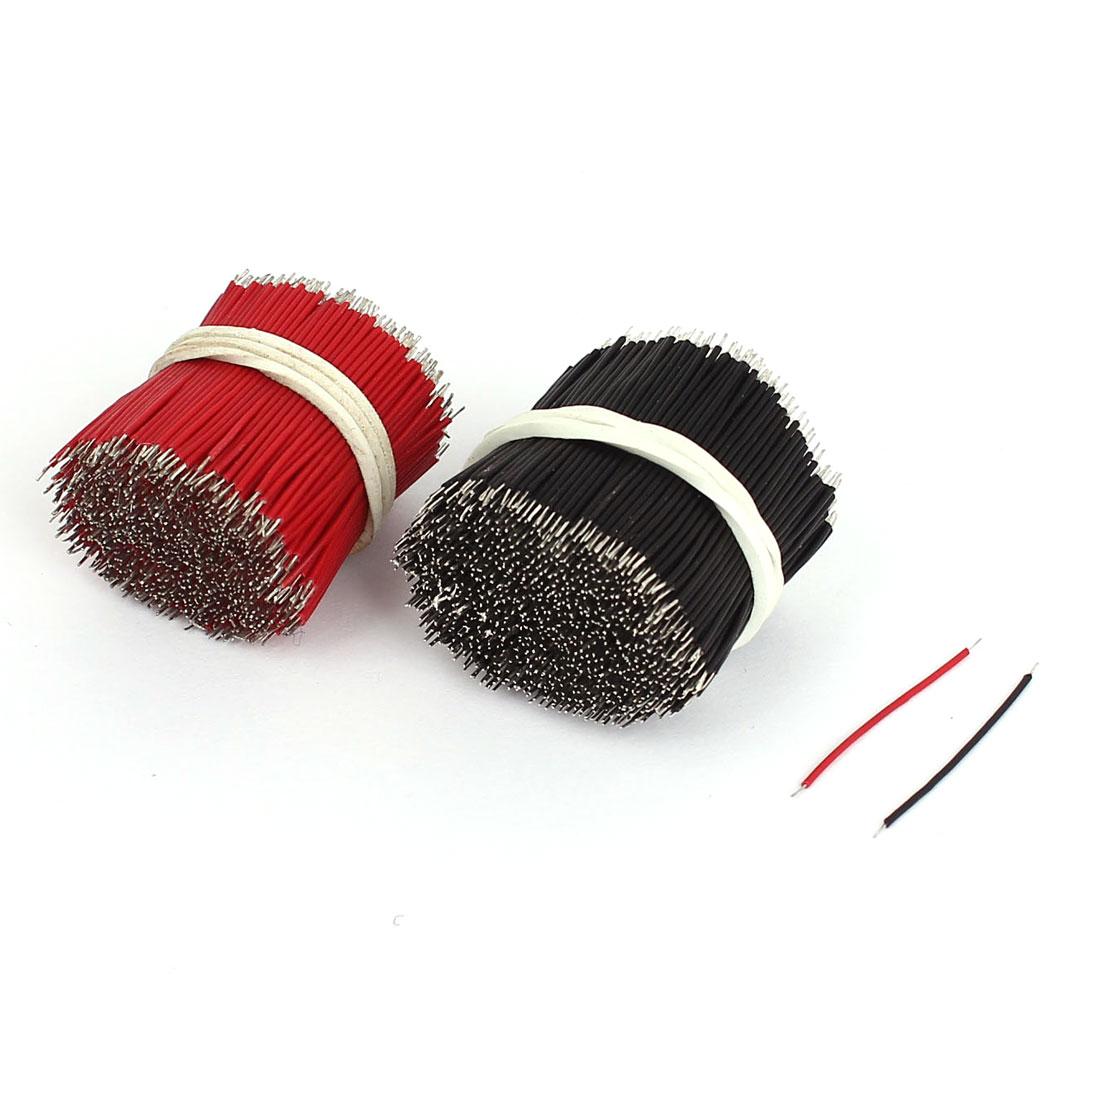 1000 Pcs Flexible Dual End Connector Core Power Cord Wire 2.5cm x 0.1cm